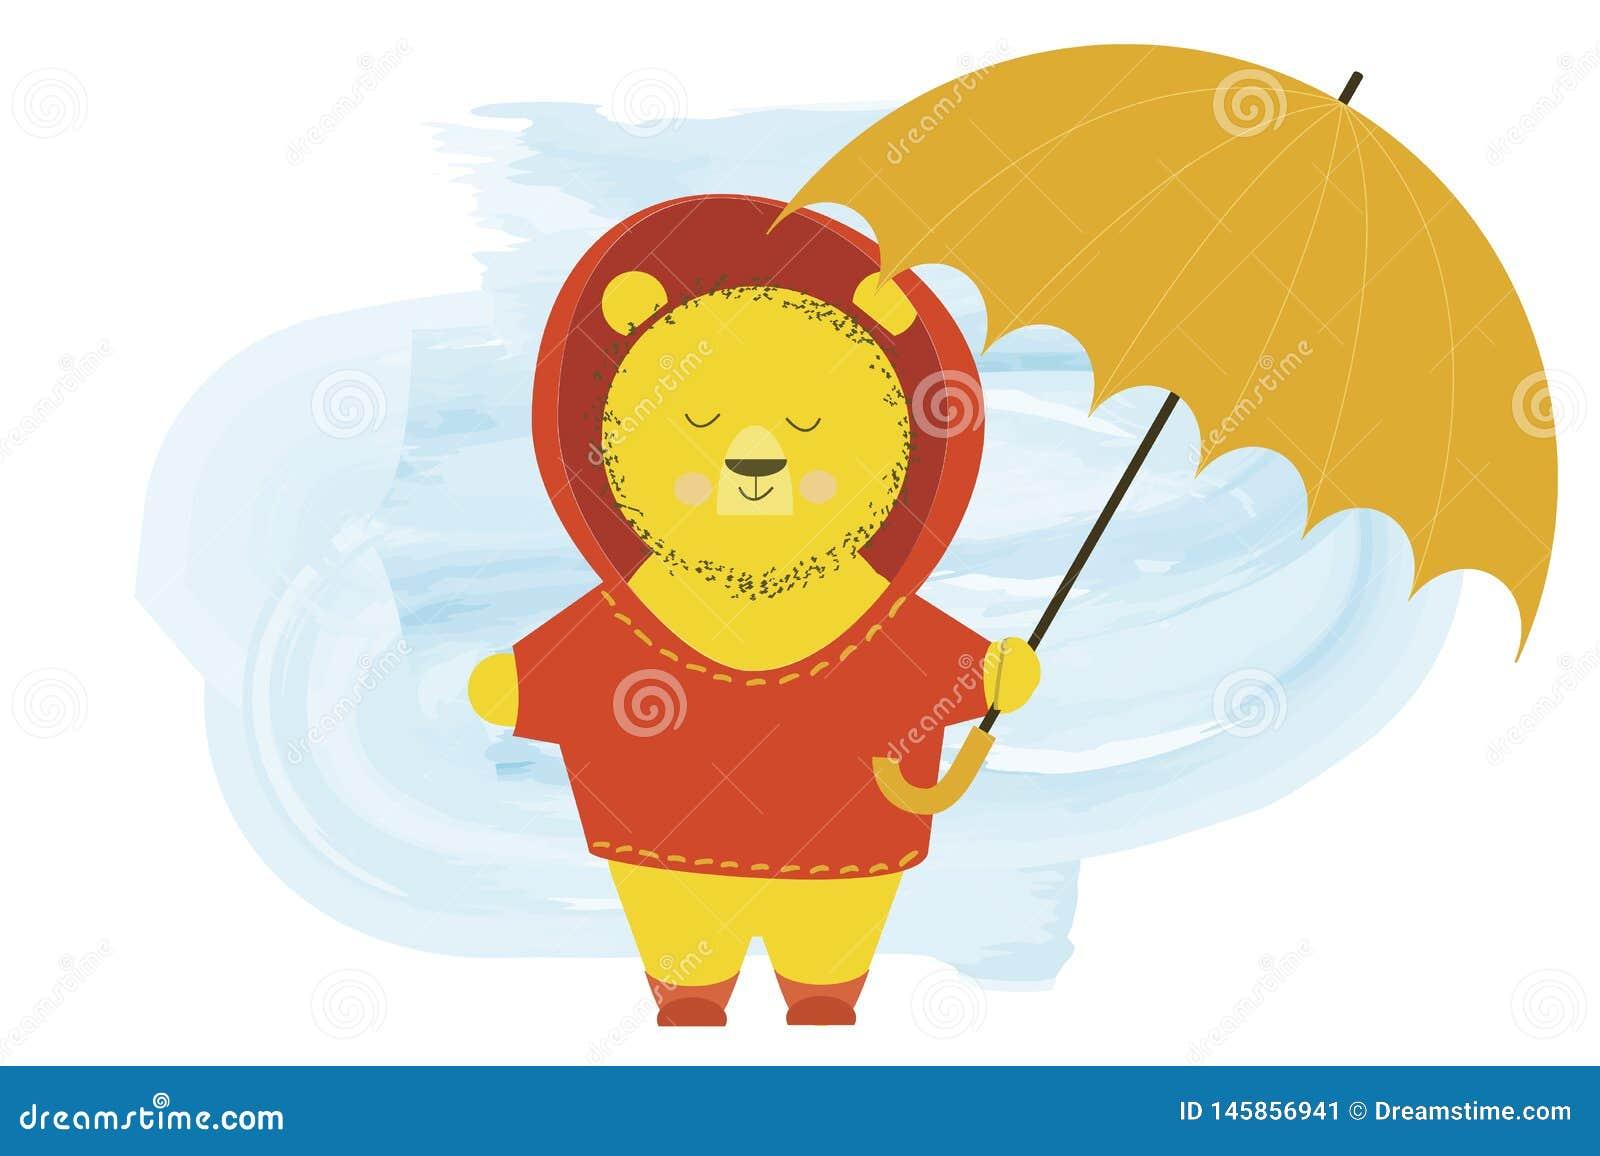 Den gulliga björnen i en huv står med ett paraply - illustration för vektor för tecknad filmtecken